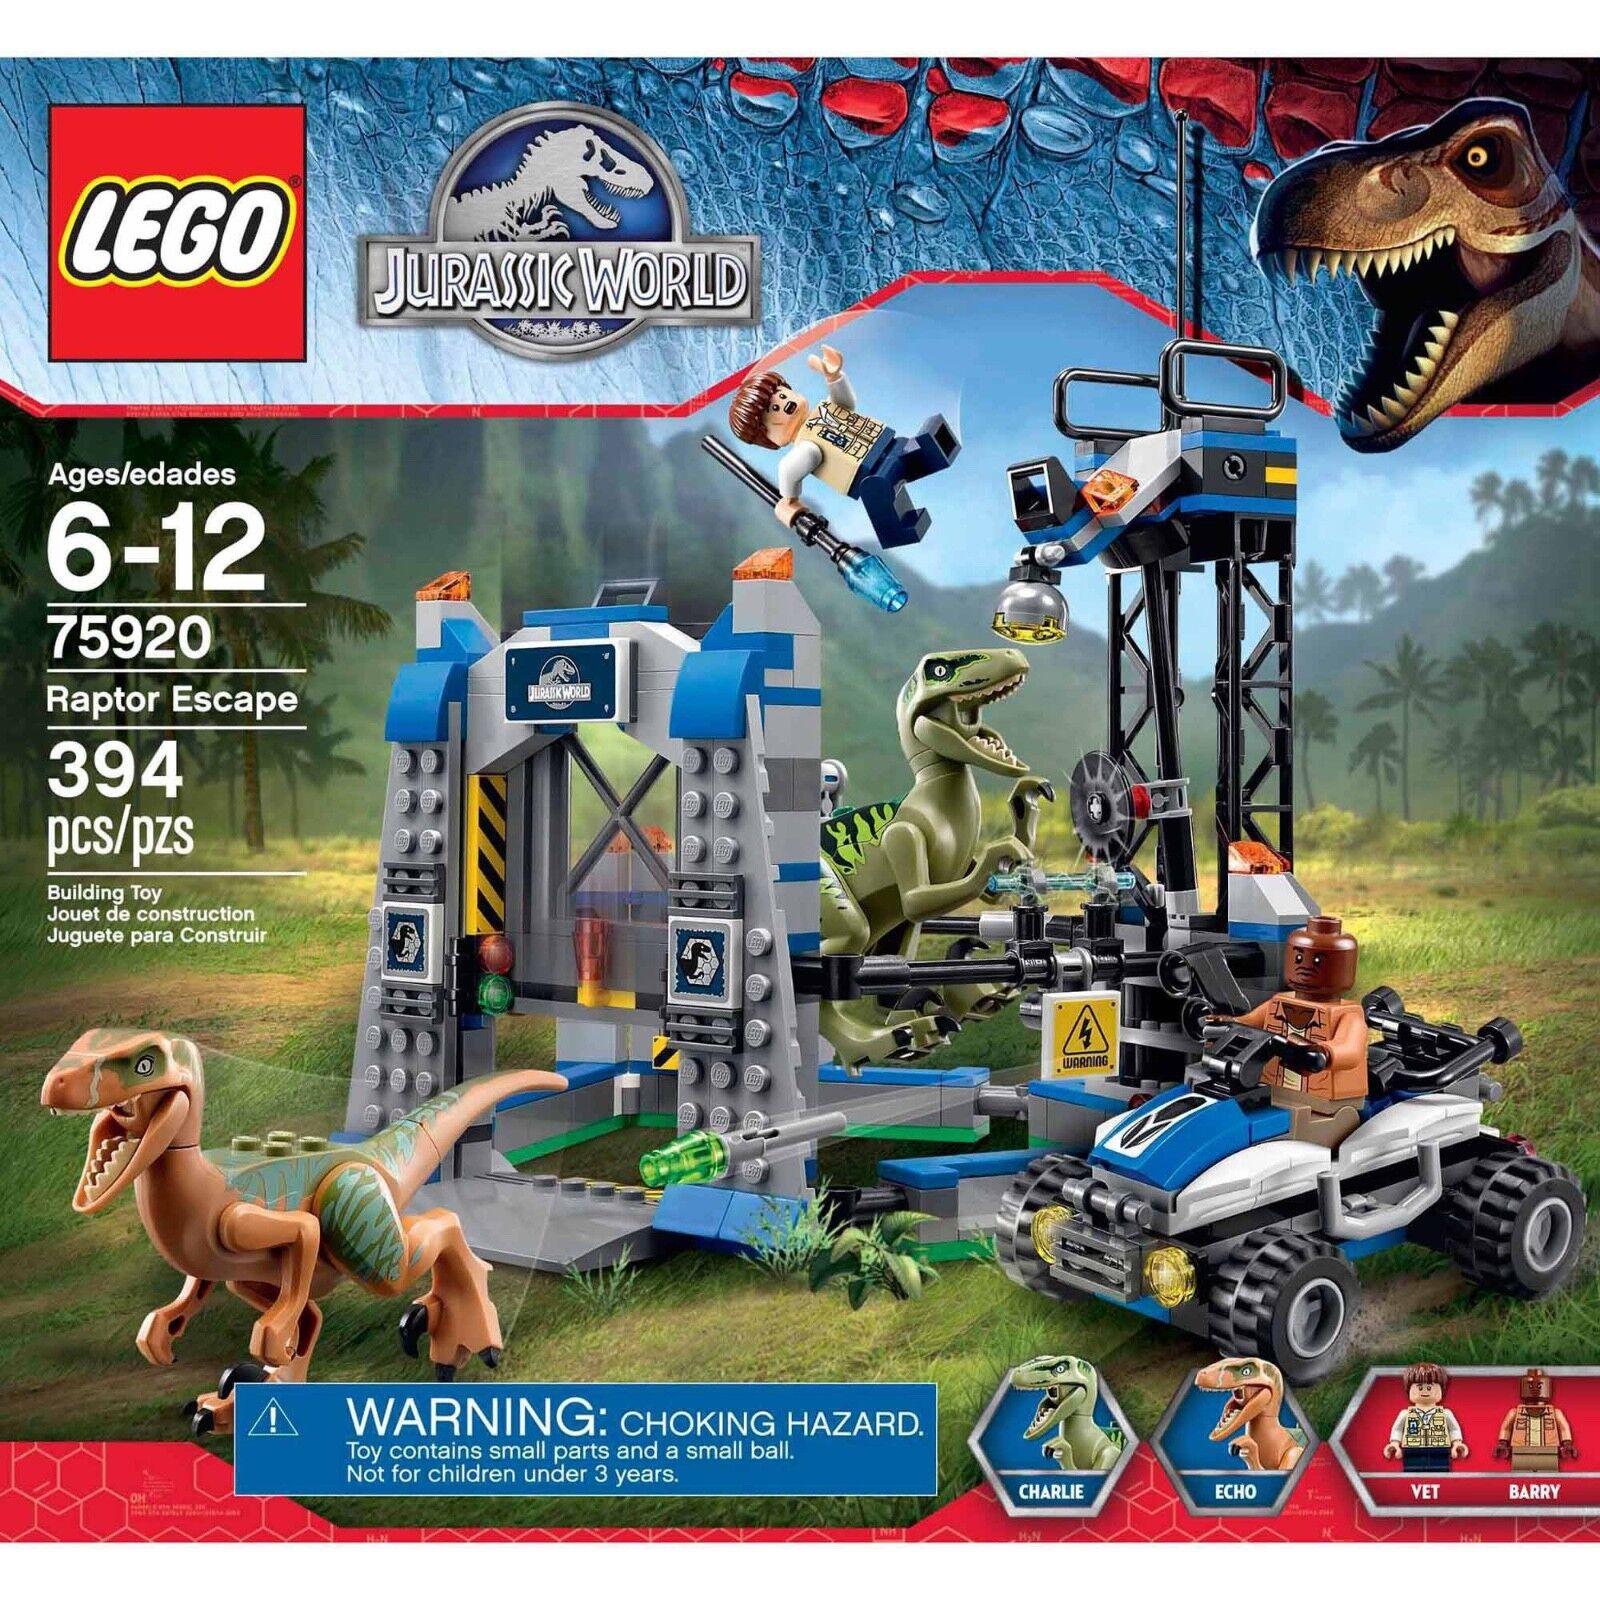 Rare LEGO Set 75920 Jurassic World Raptor Escape New In Box. Instant Classic.